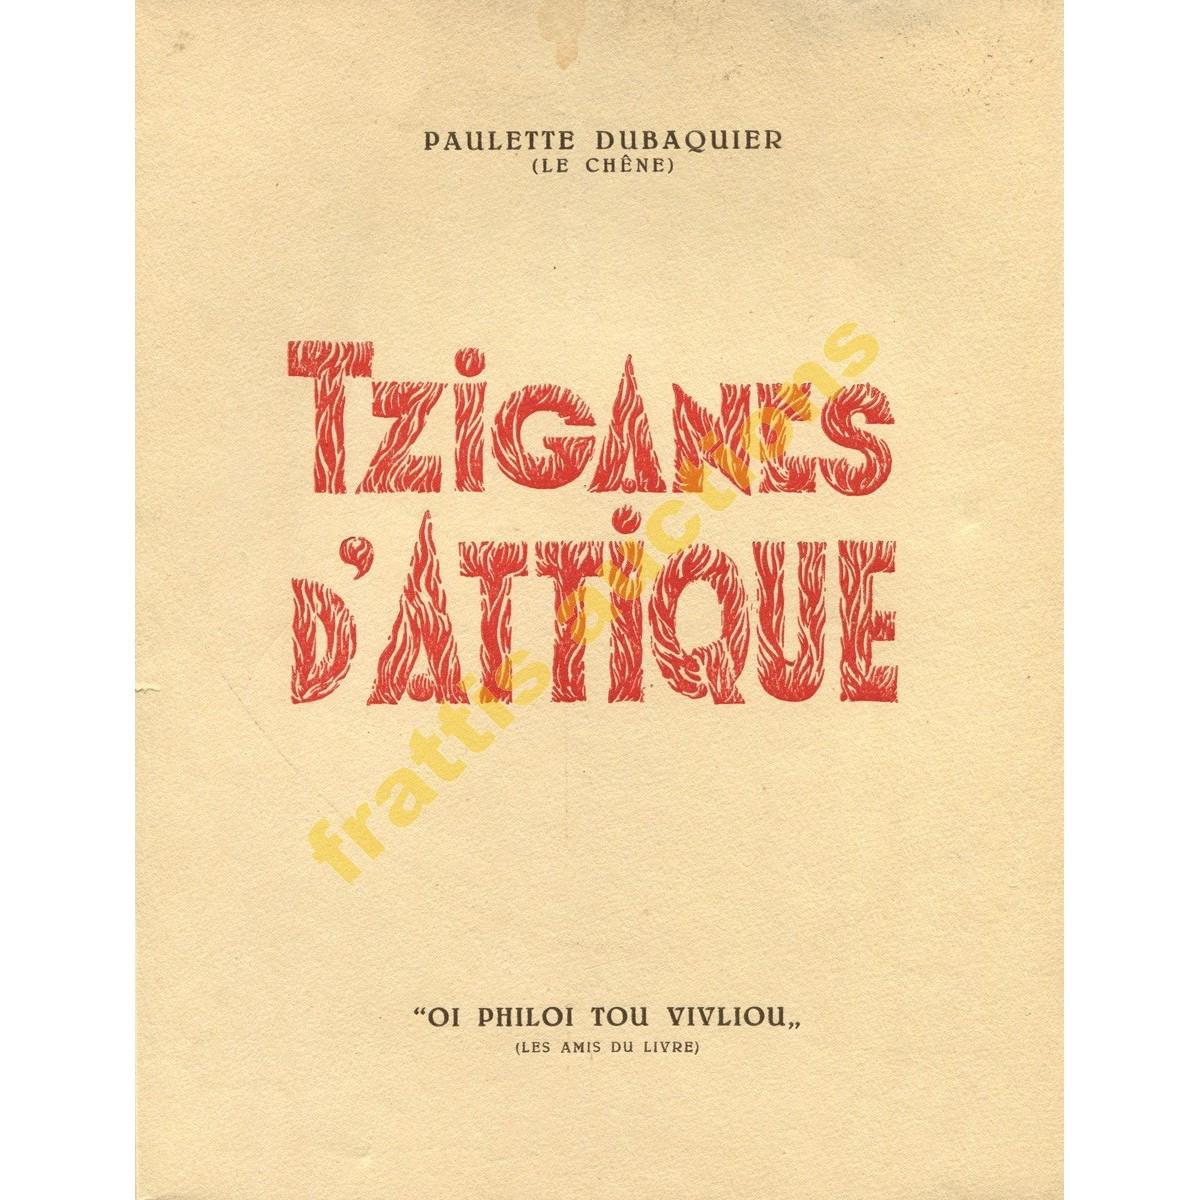 DUBAQUIER PAULETTE (LE CHENE)